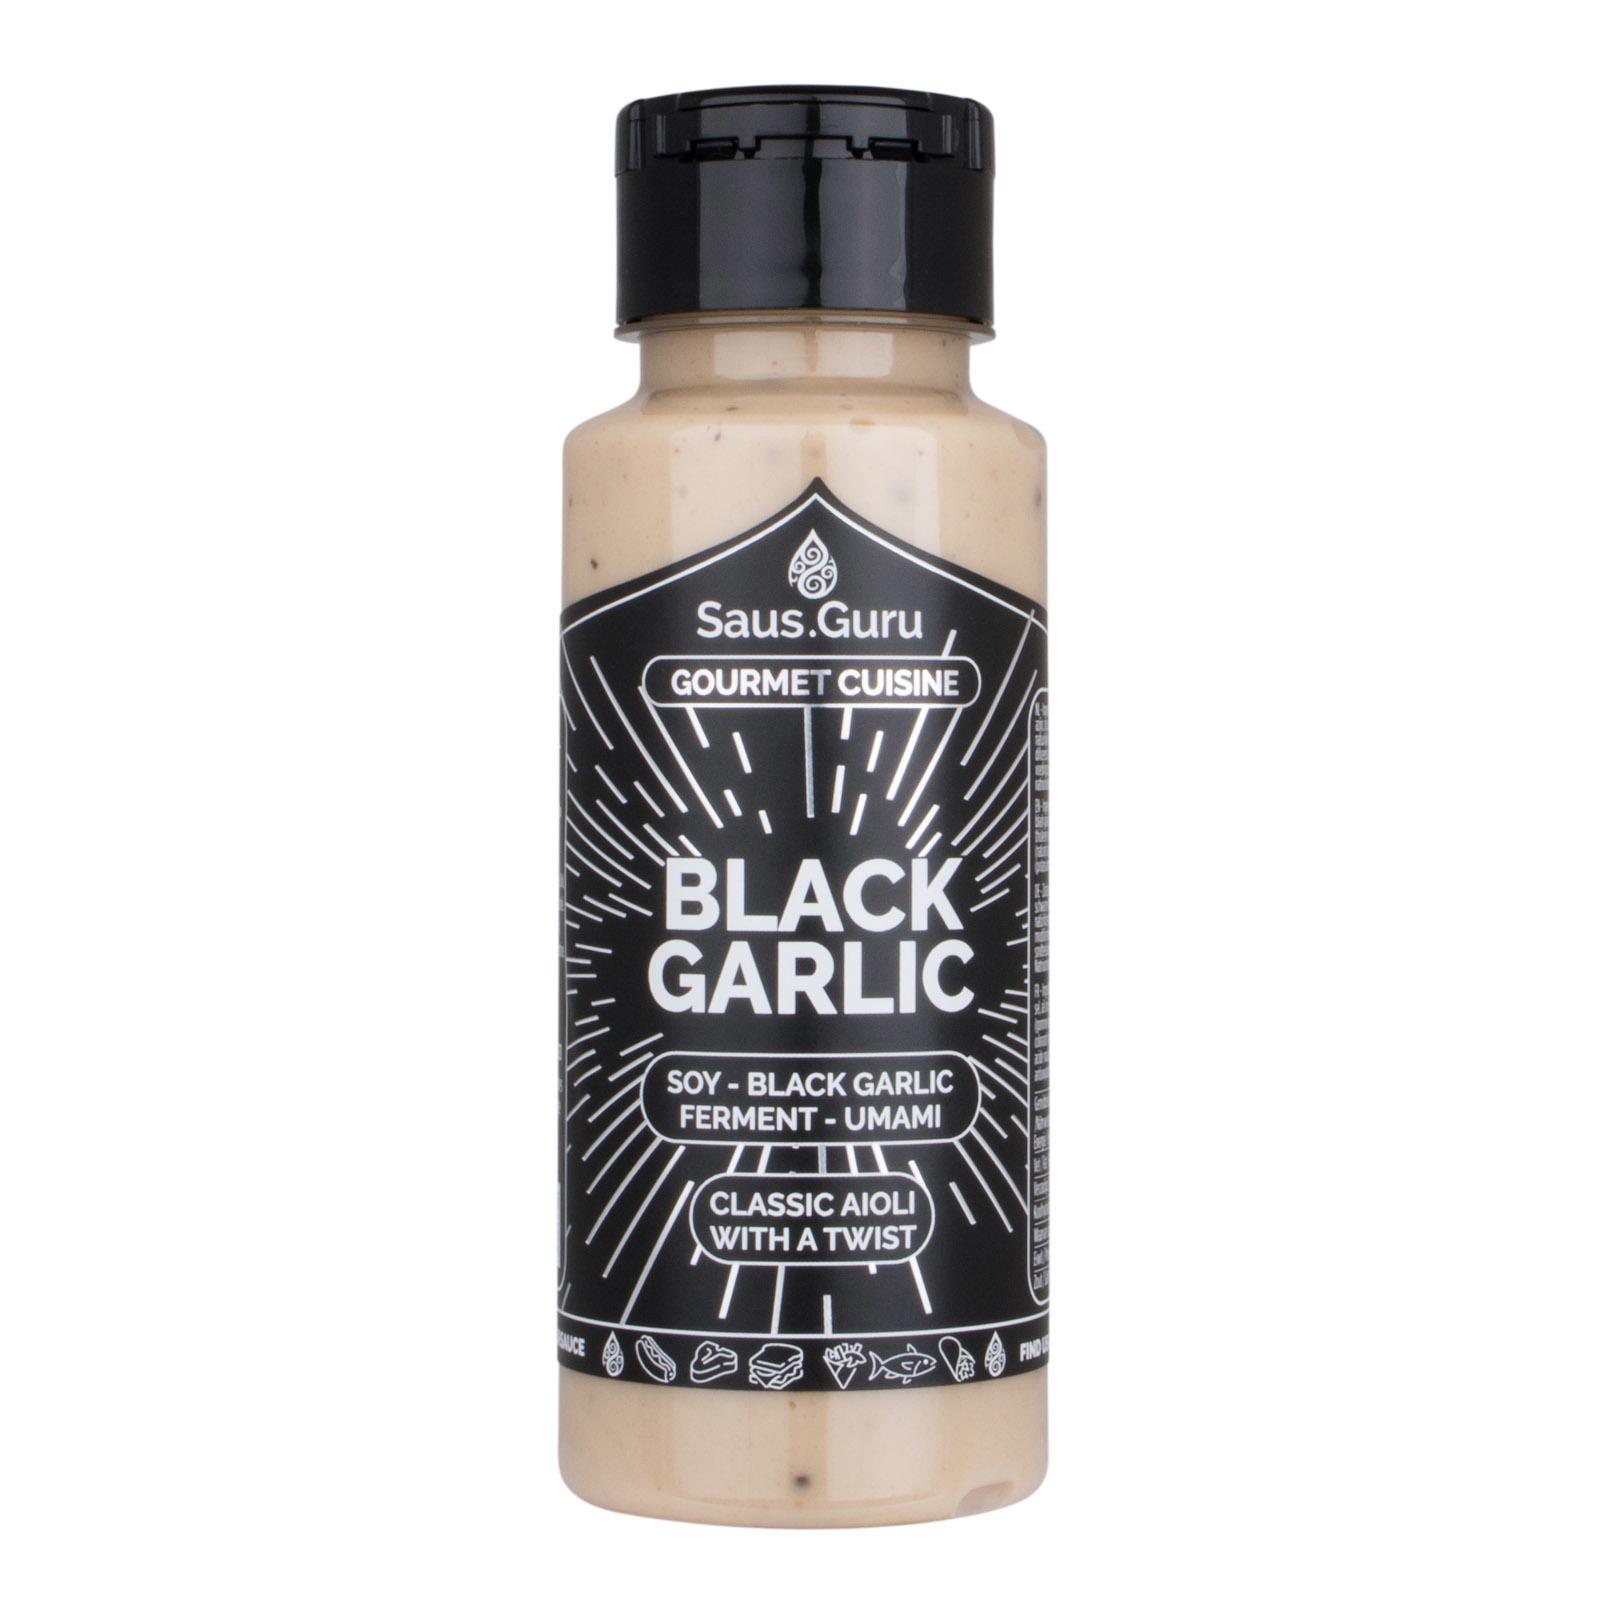 Saus.Guru's Black Garlic-1